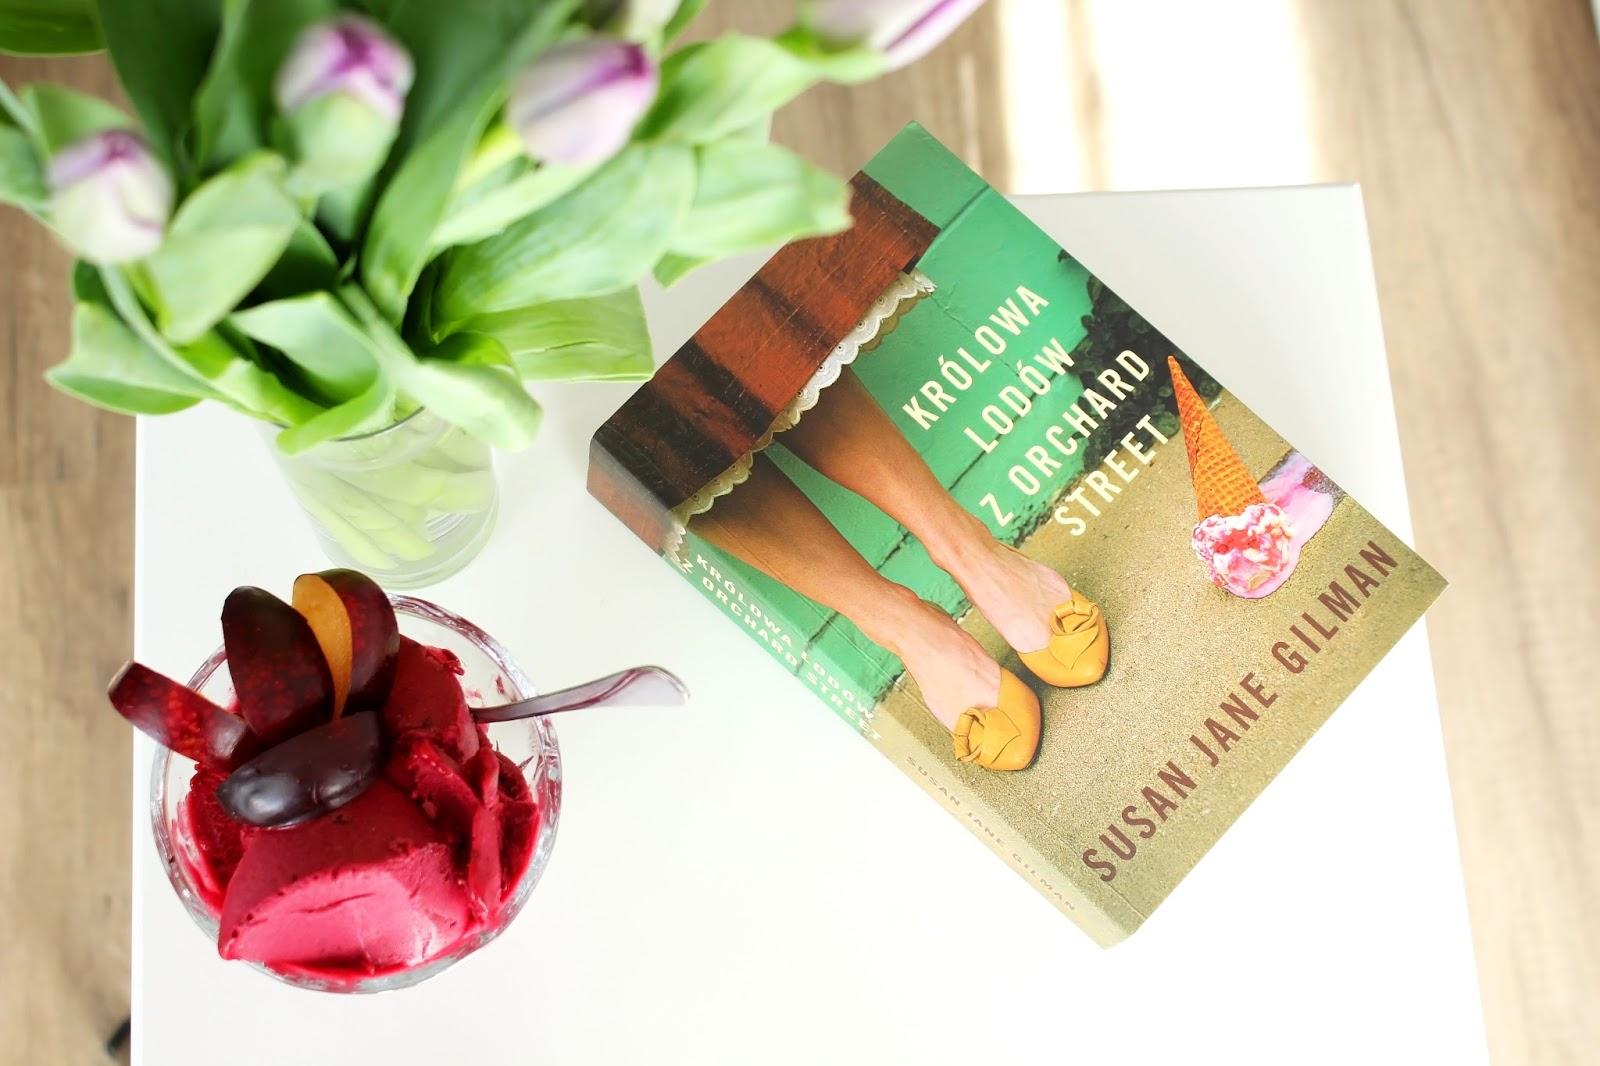 """Lodowa pani. Recenzja powieści """"Królowa lodów z Orchard Street"""" S. J. Gilman"""